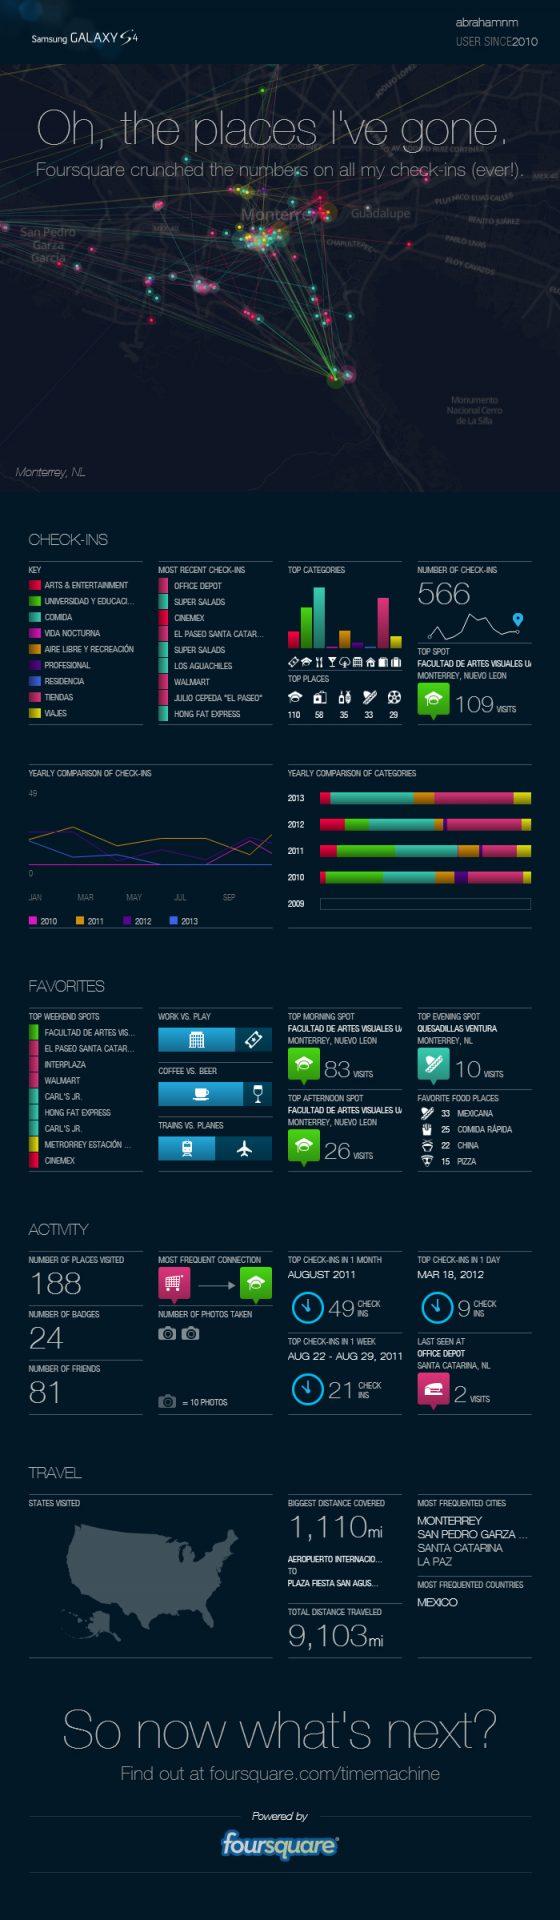 Crea una Infografía con tu información de Foursquare